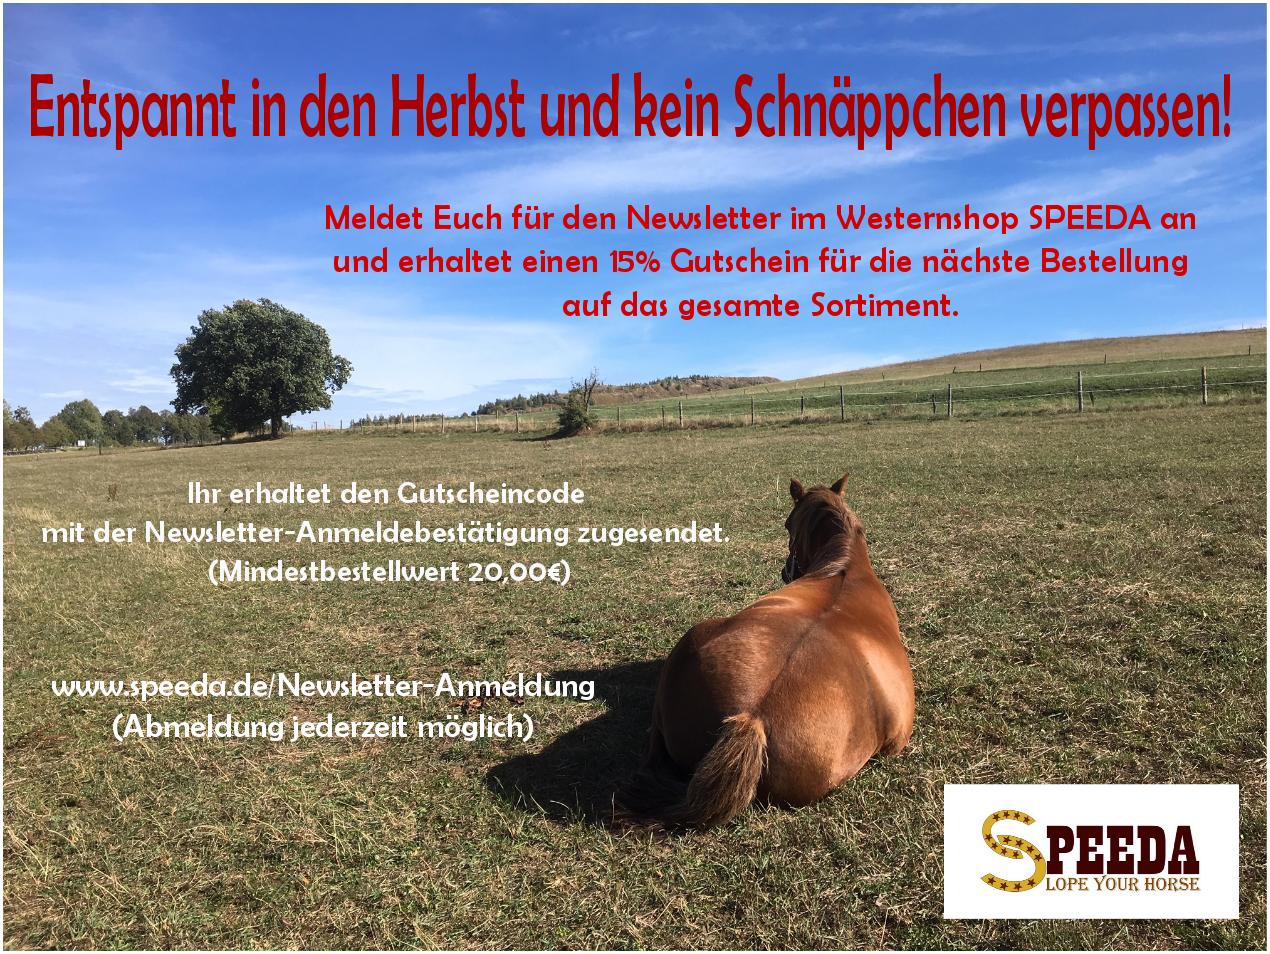 Newsletter Anmeldung Westernshop SPEEDA